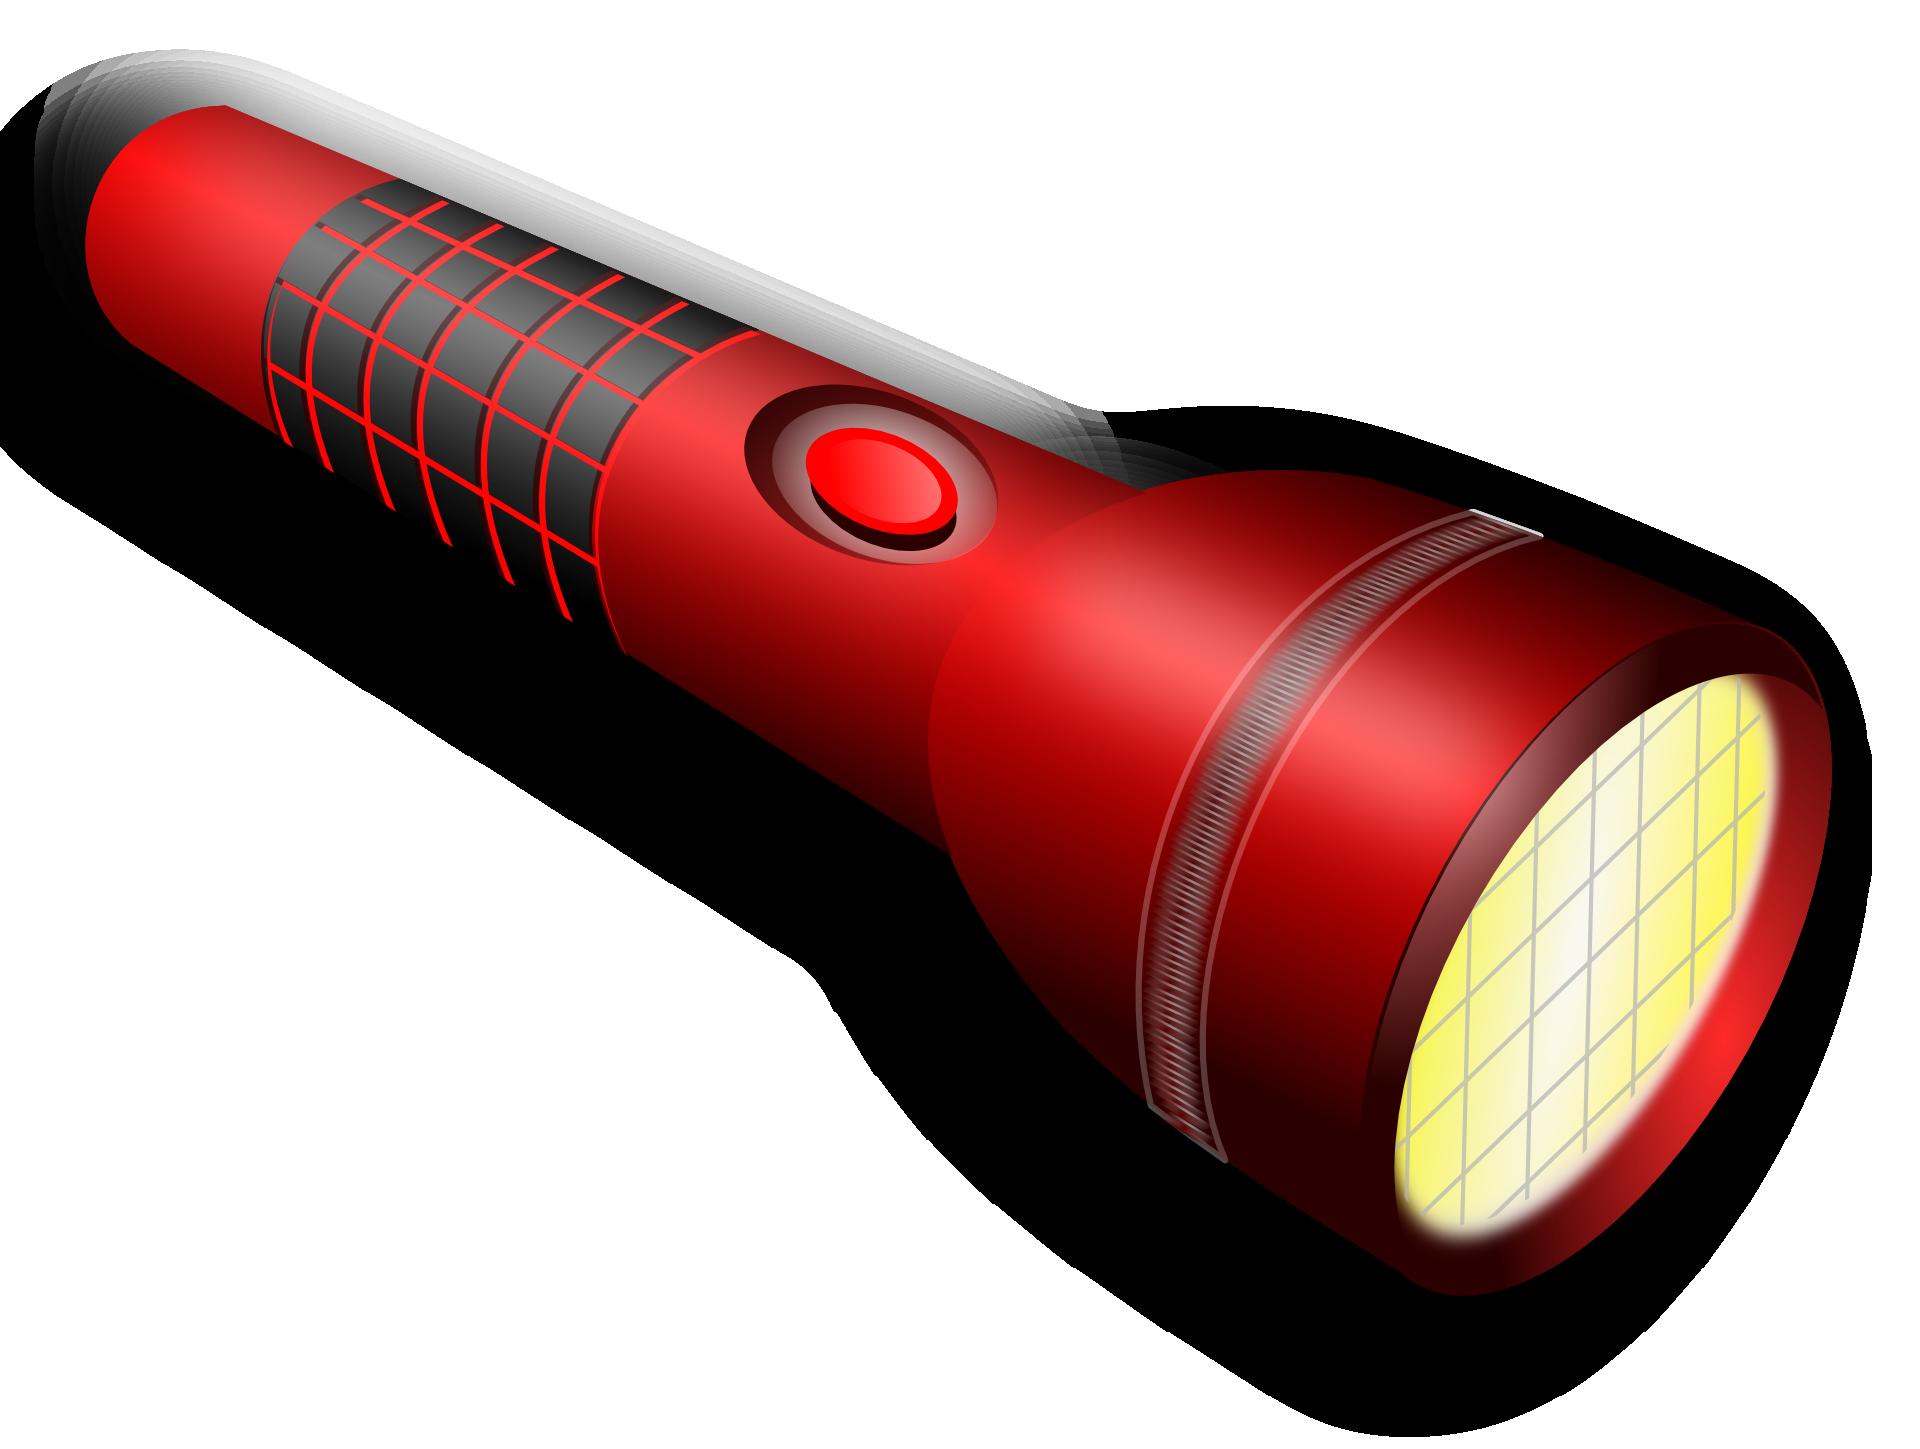 Torch Light Png Image Torch Light Light Torch